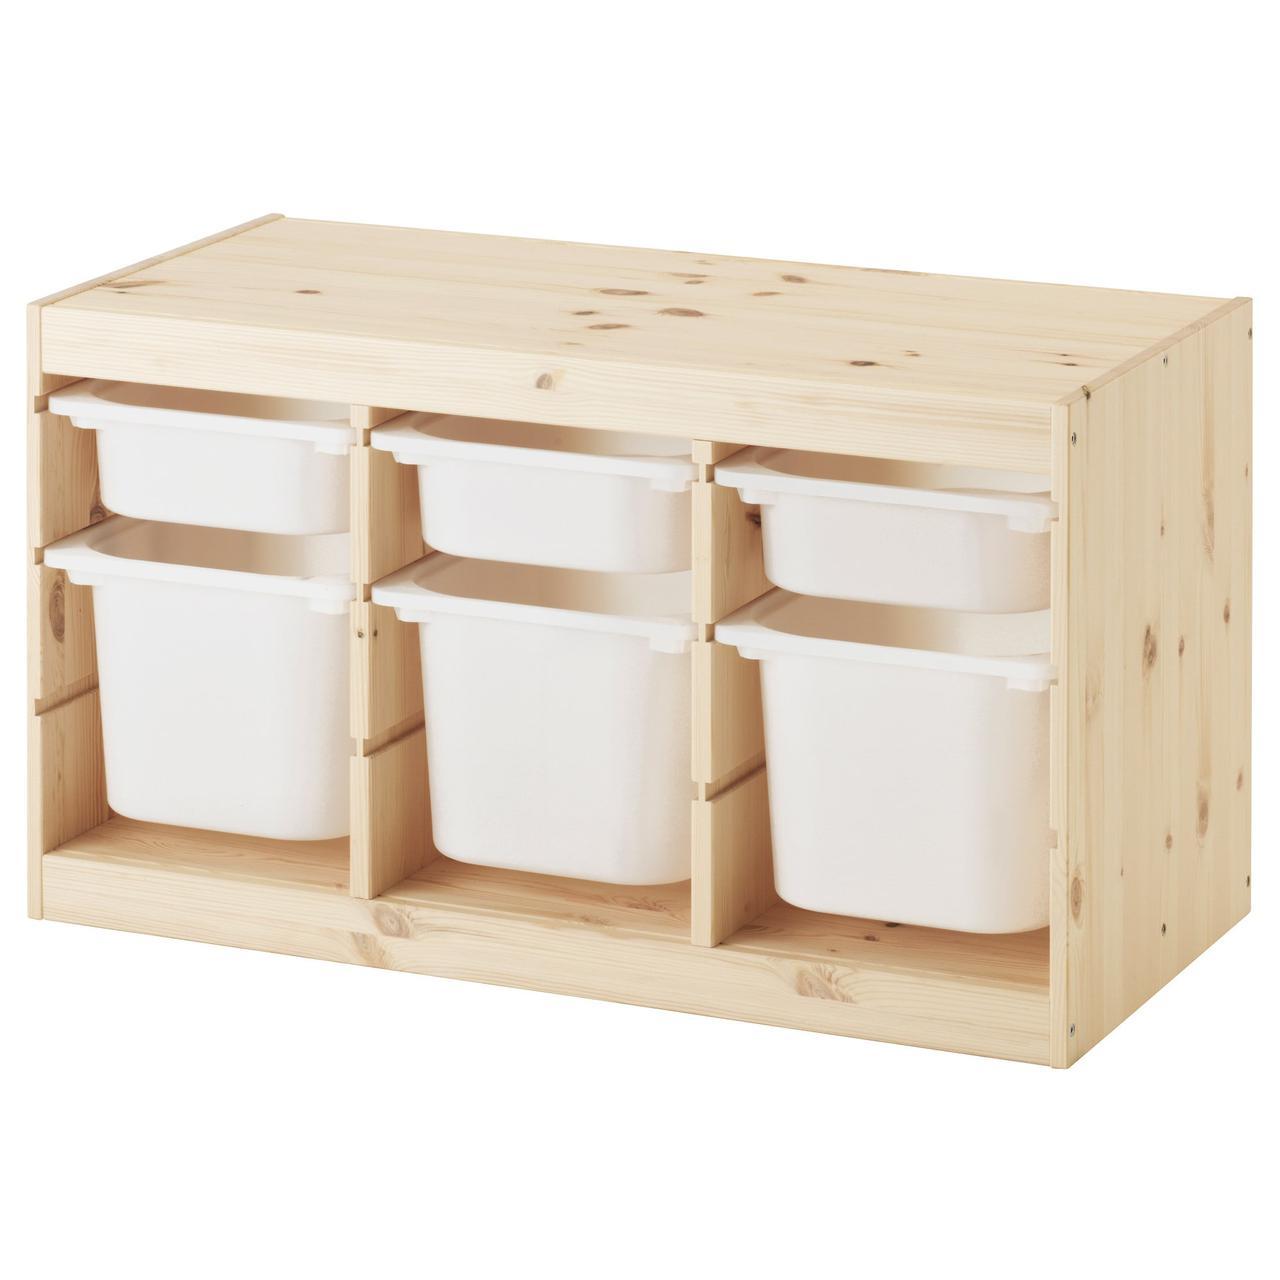 ТРУФАСТ, Комбинация д/хранения+контейнерами